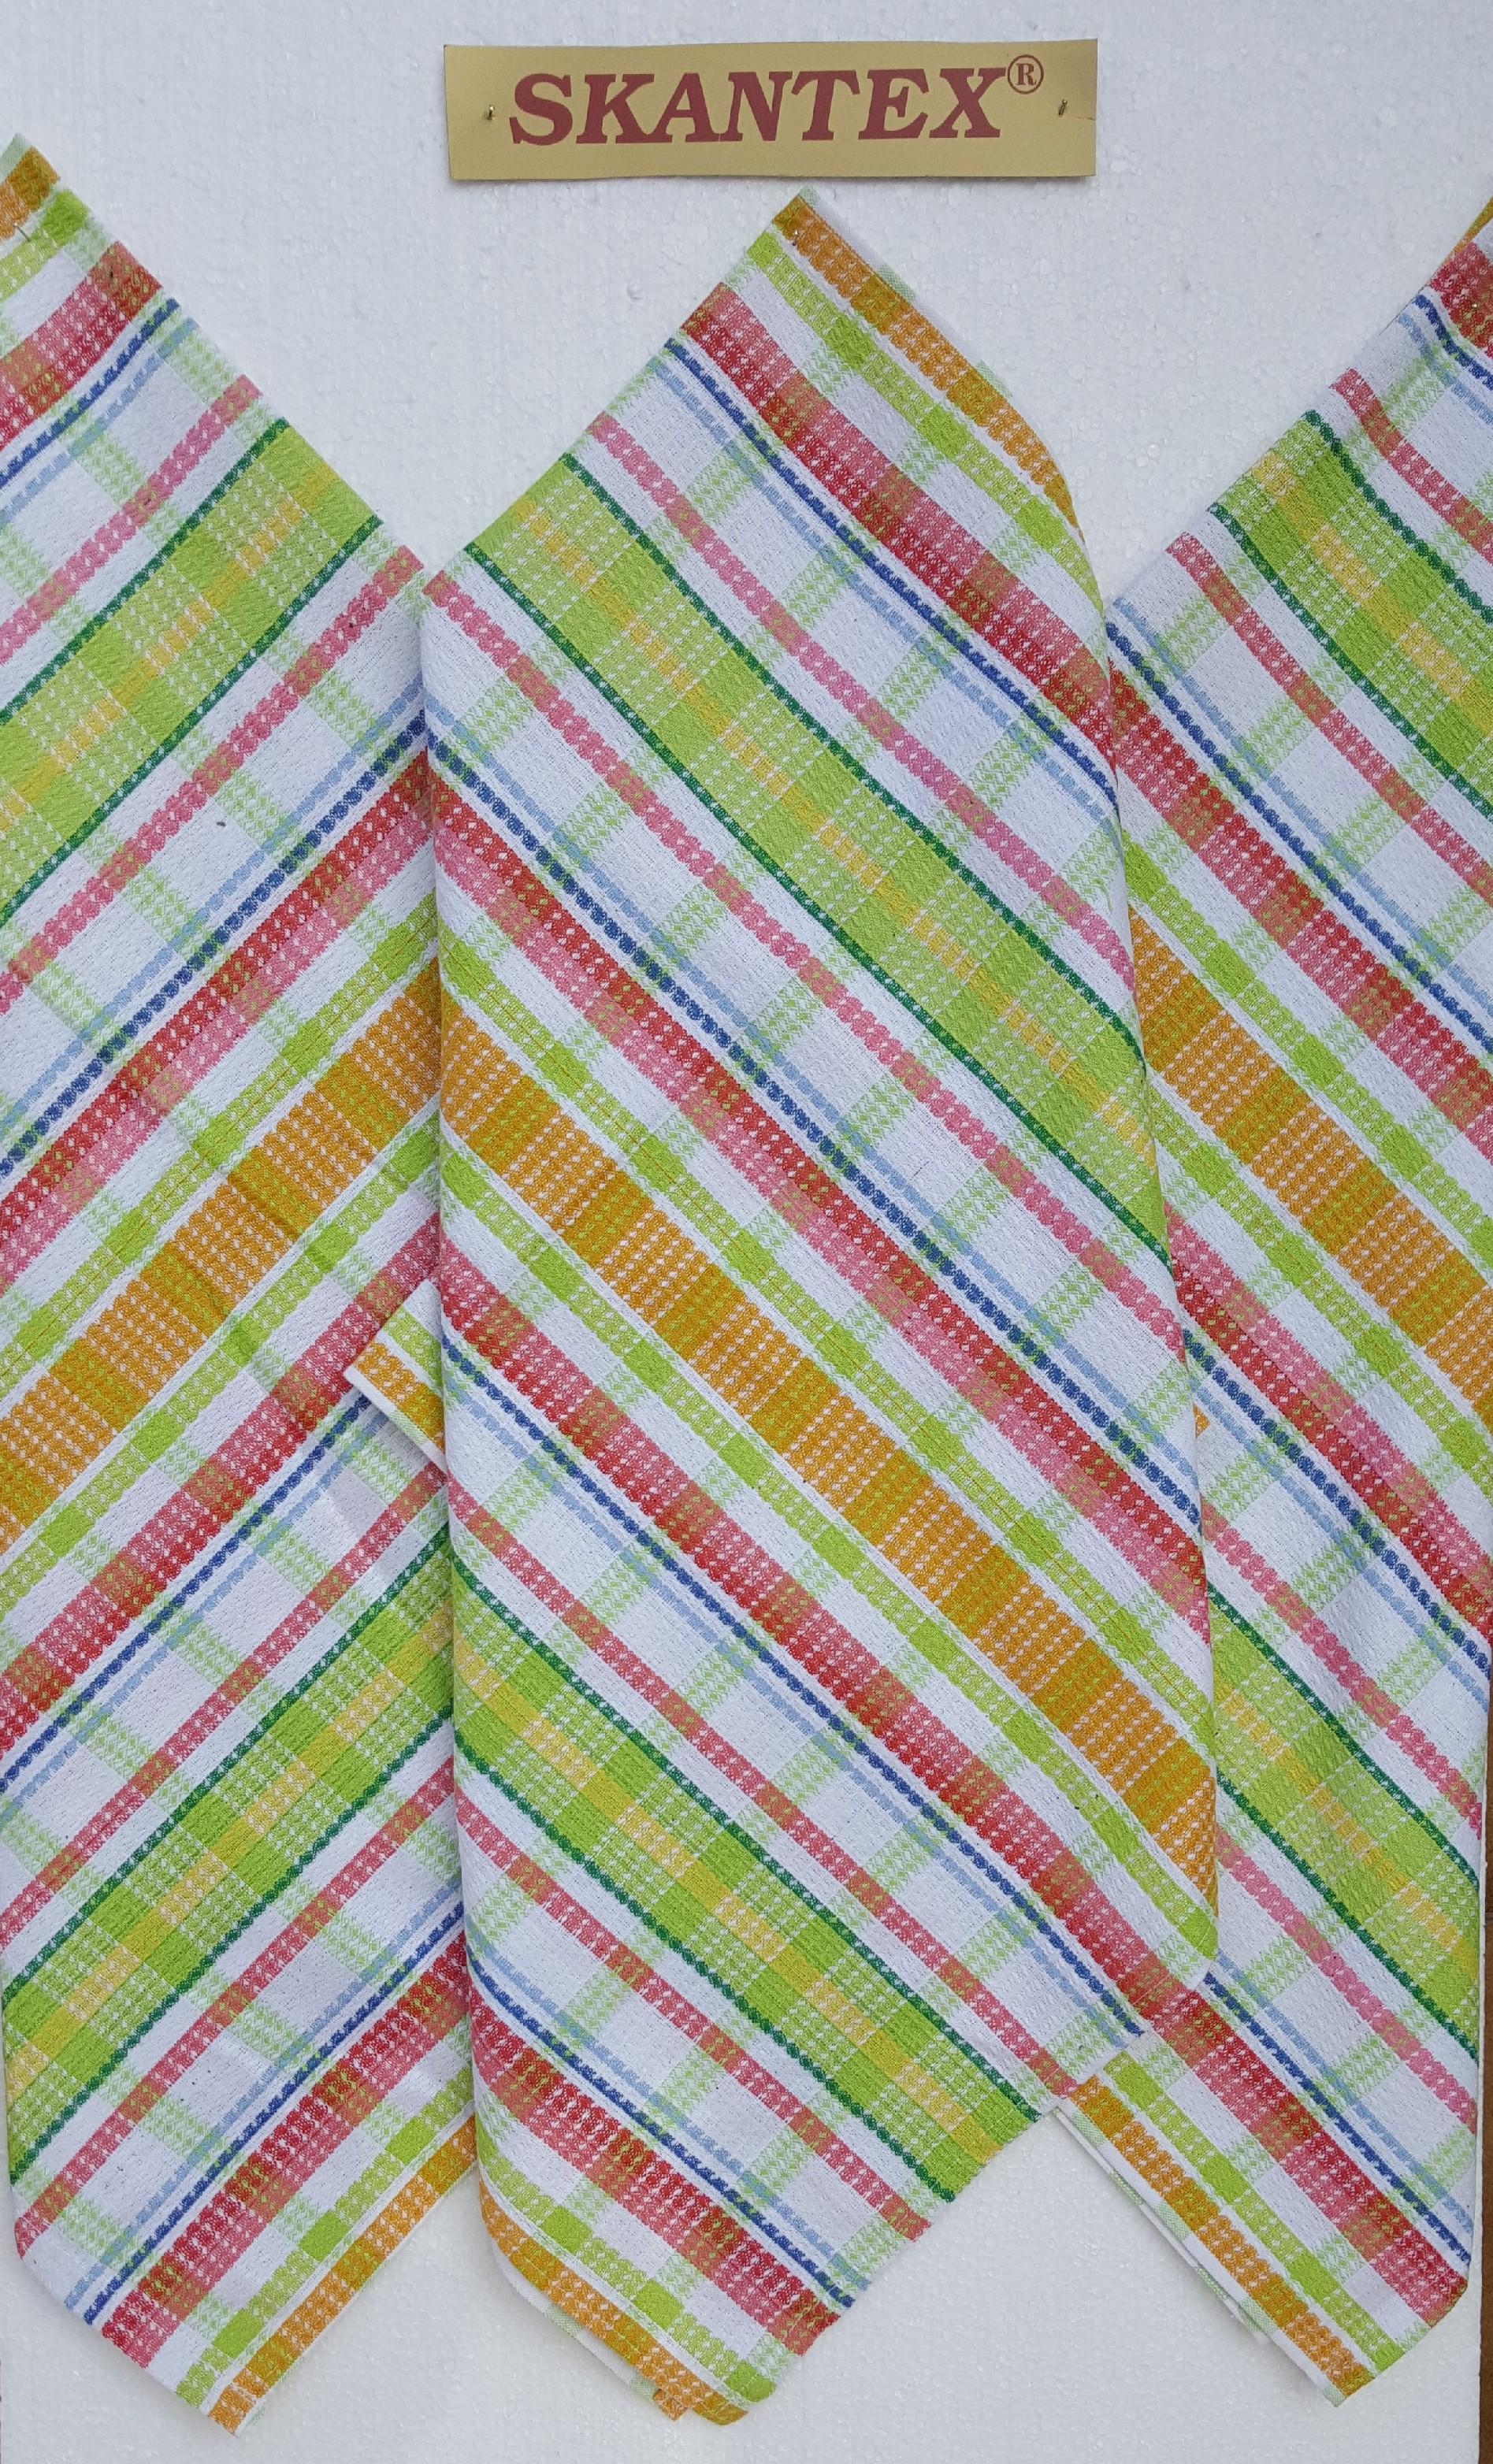 SKANTEX Pracovní ručník -zelená kostka barva: zelená kostka